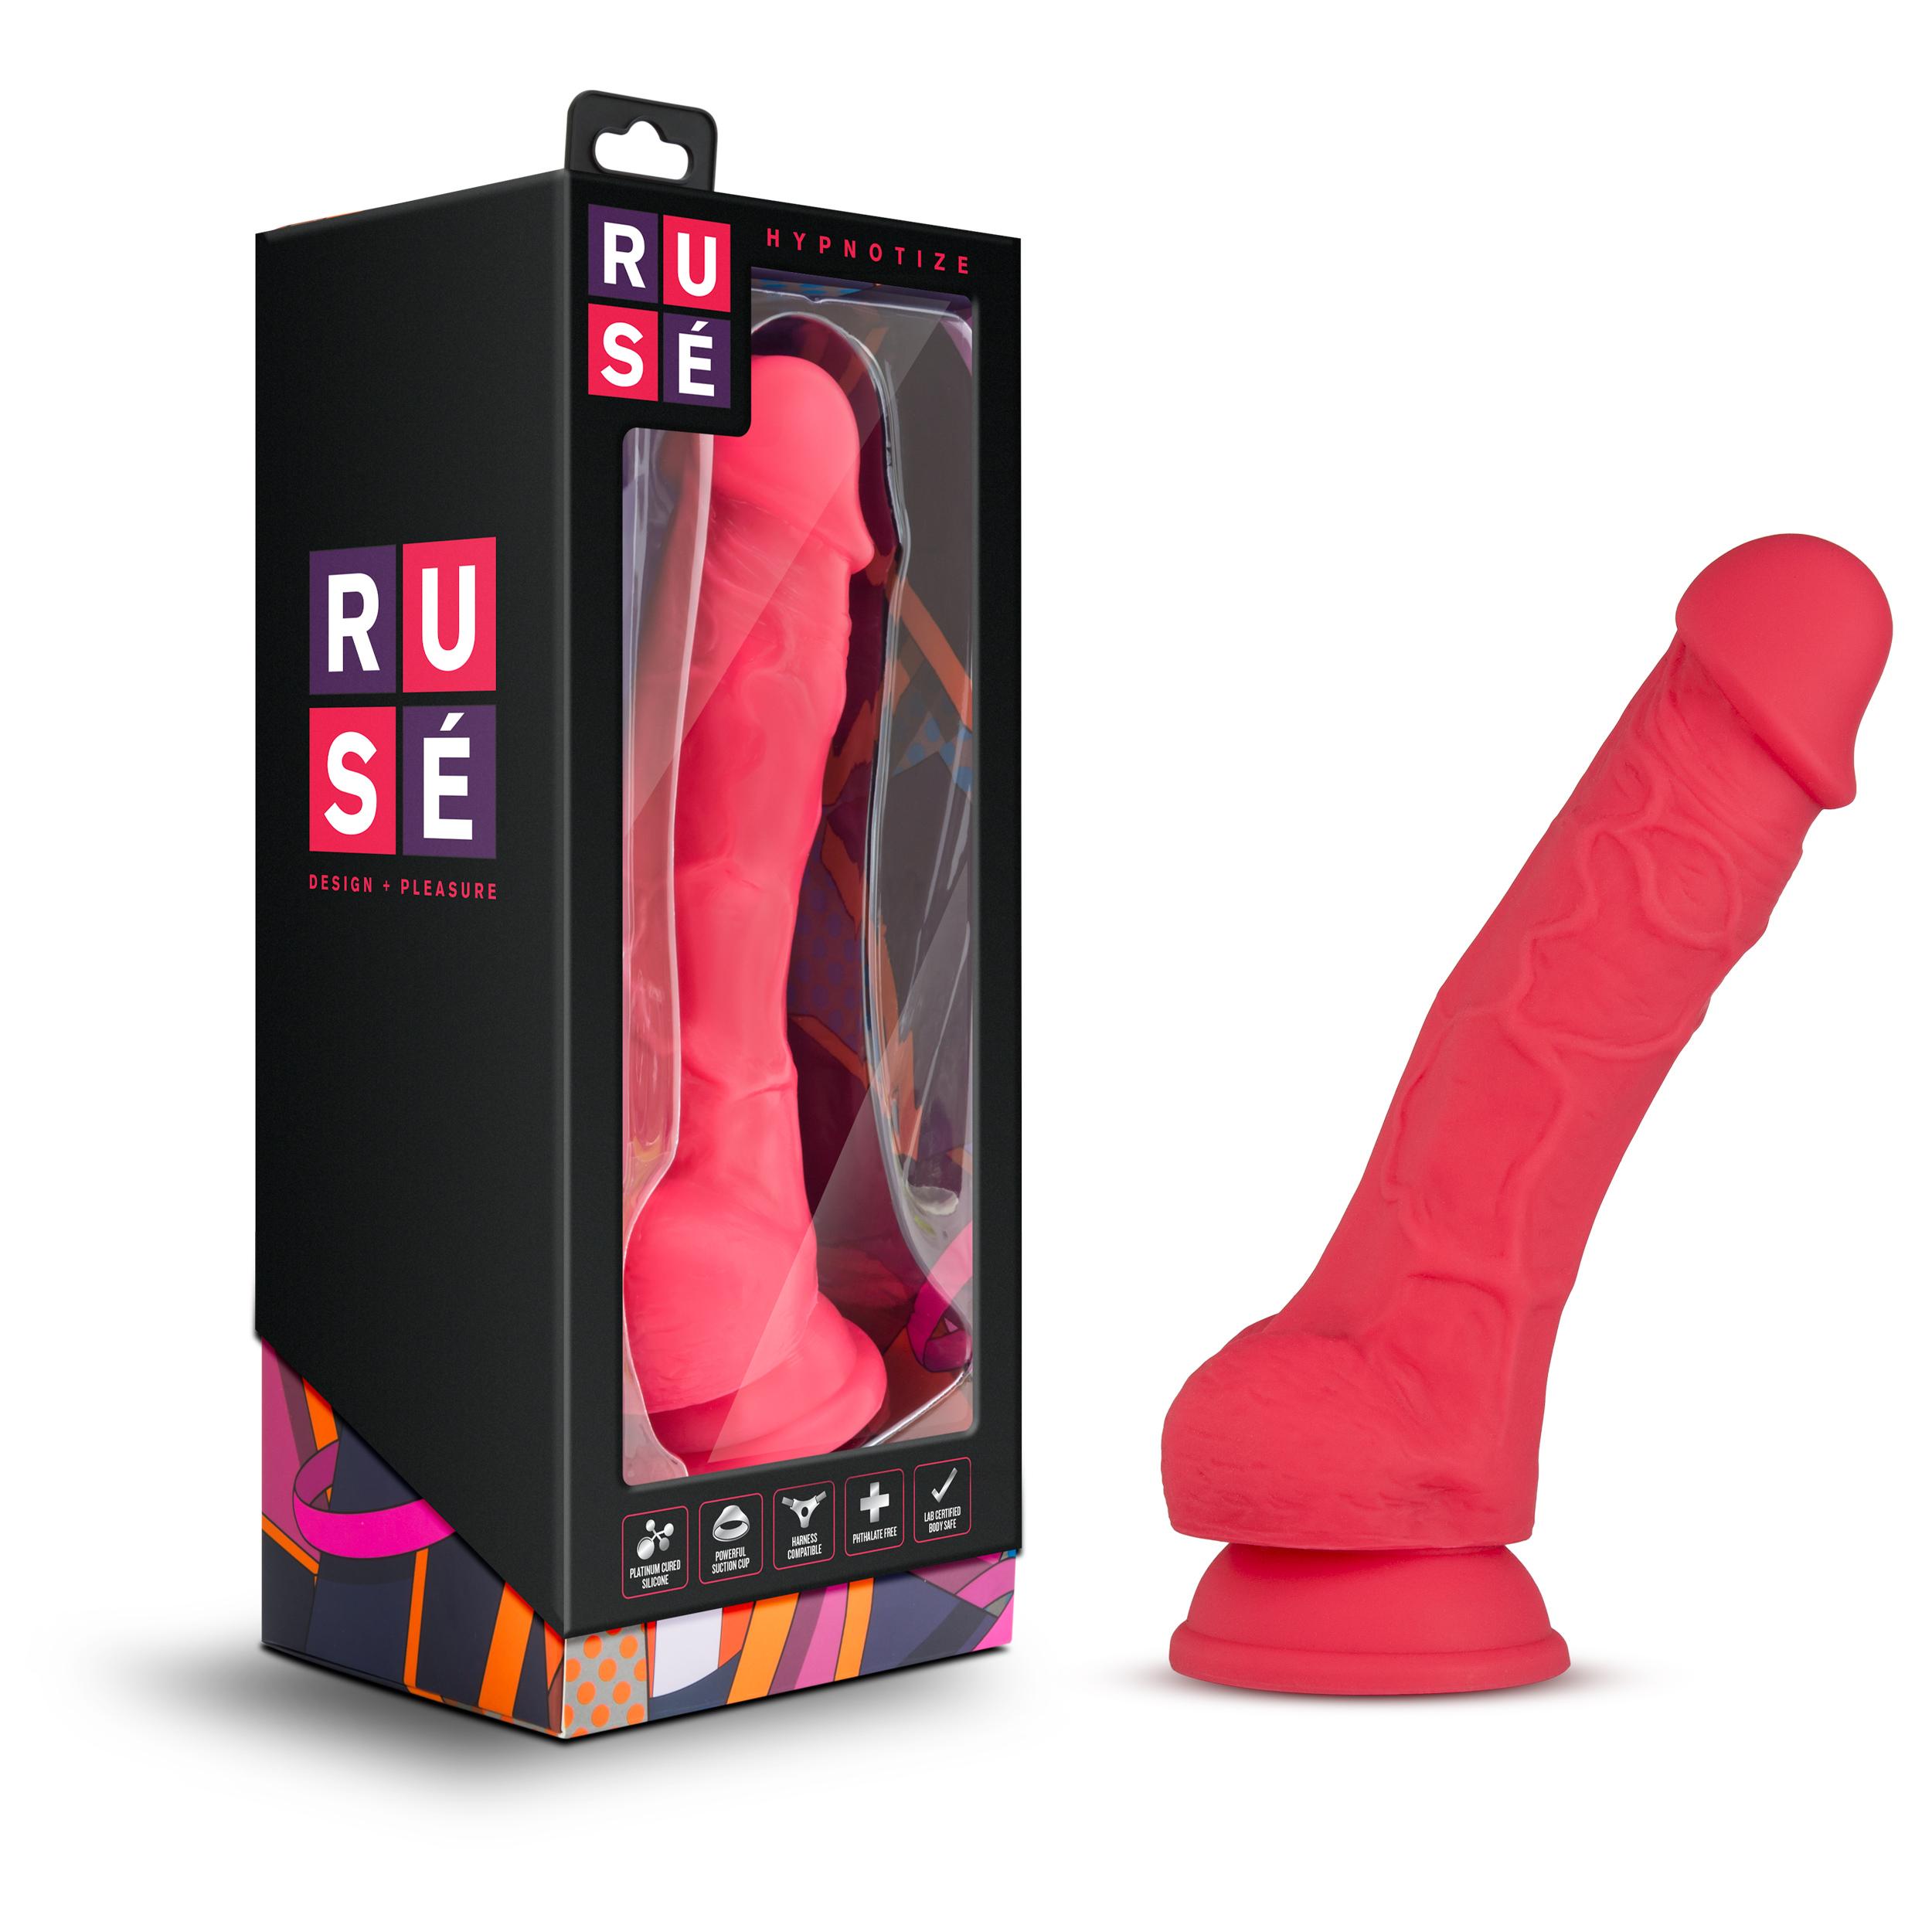 Ruse - Hypnotize - Cerise